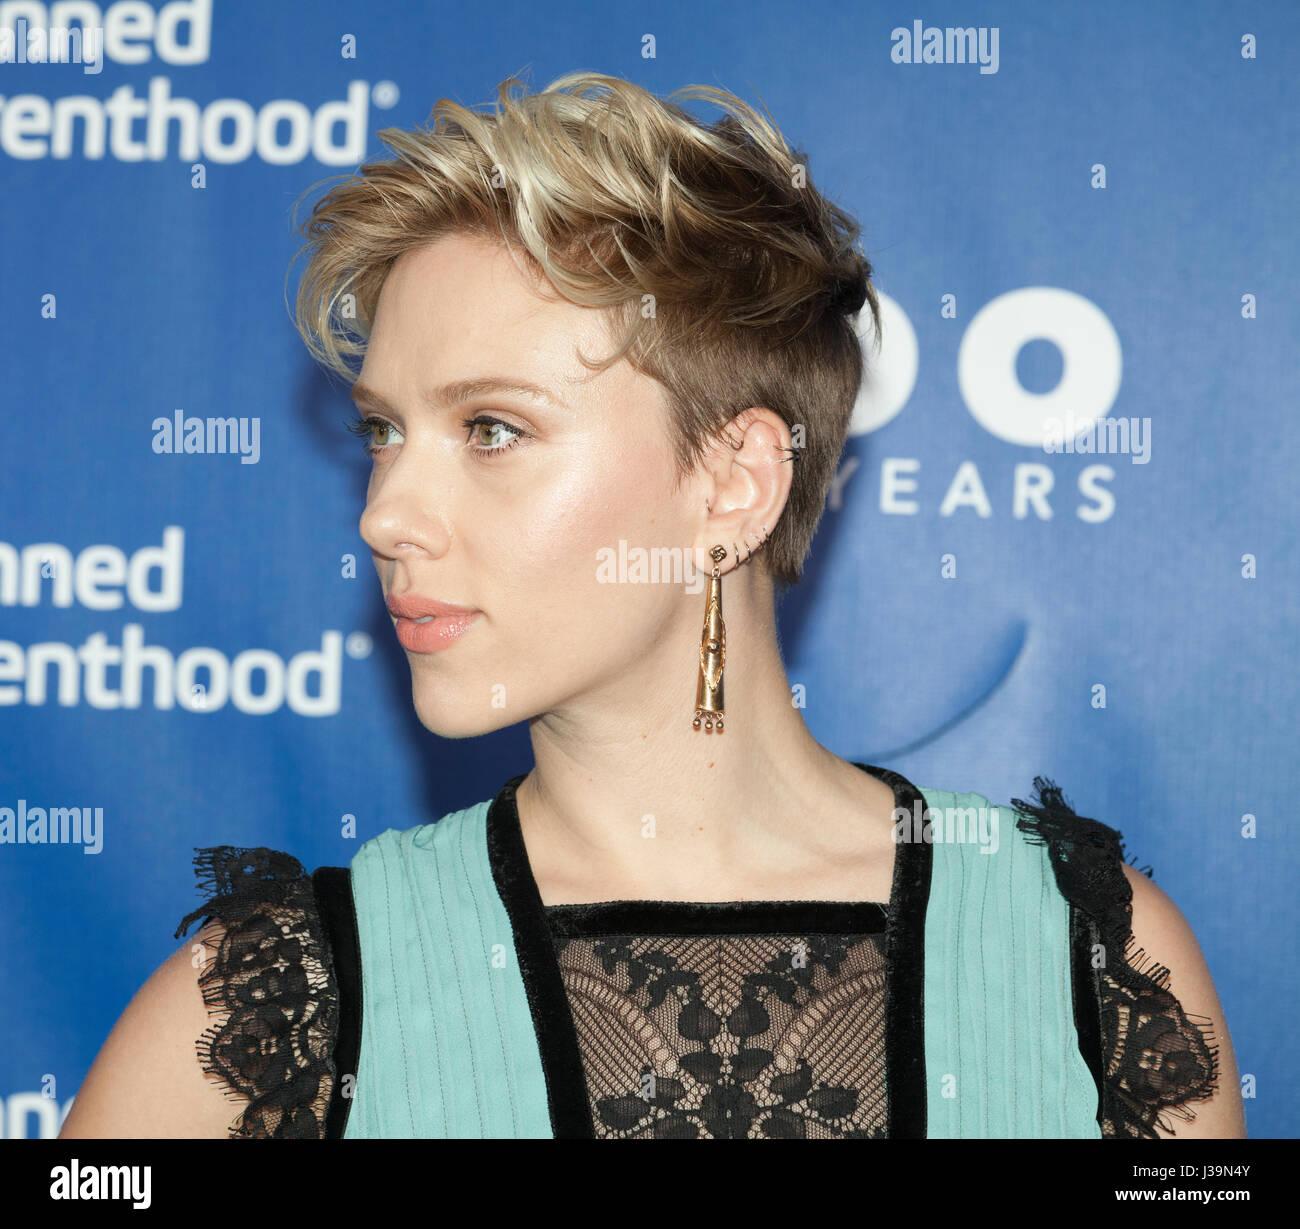 New York, NY USA - Mayo 2, 2017: Scarlett Johansson atiende el Planned Parenthood centenario Gala en Pier 36 Imagen De Stock